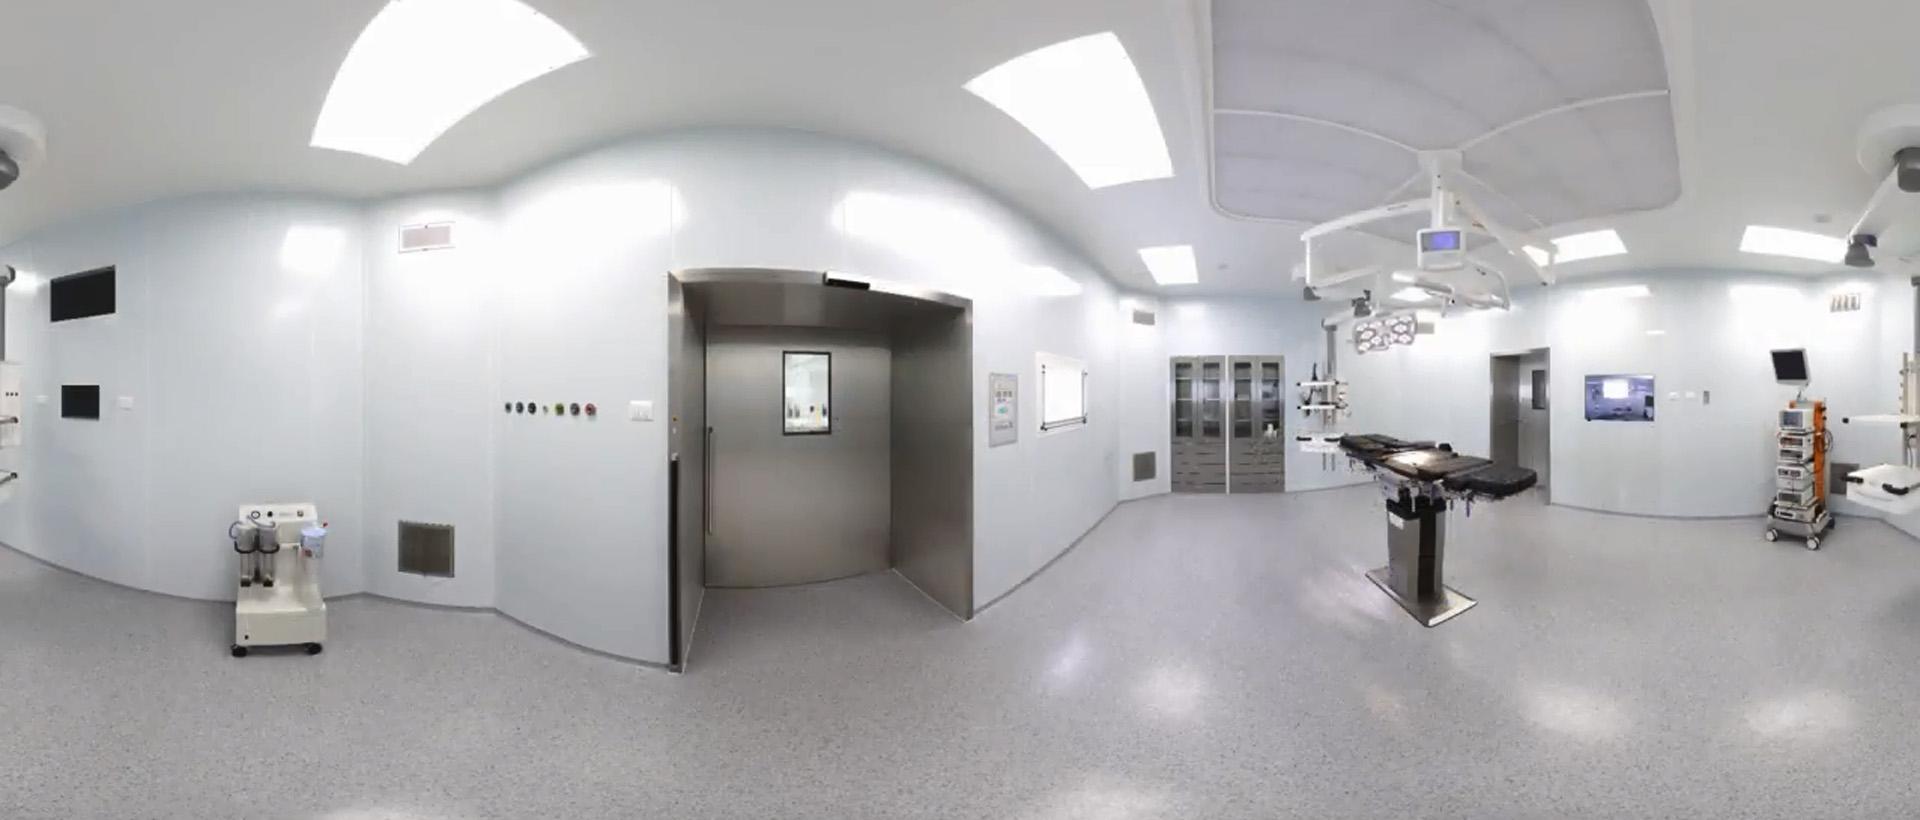 Soluciones individuales para quirófano marWorld® en 360 grados